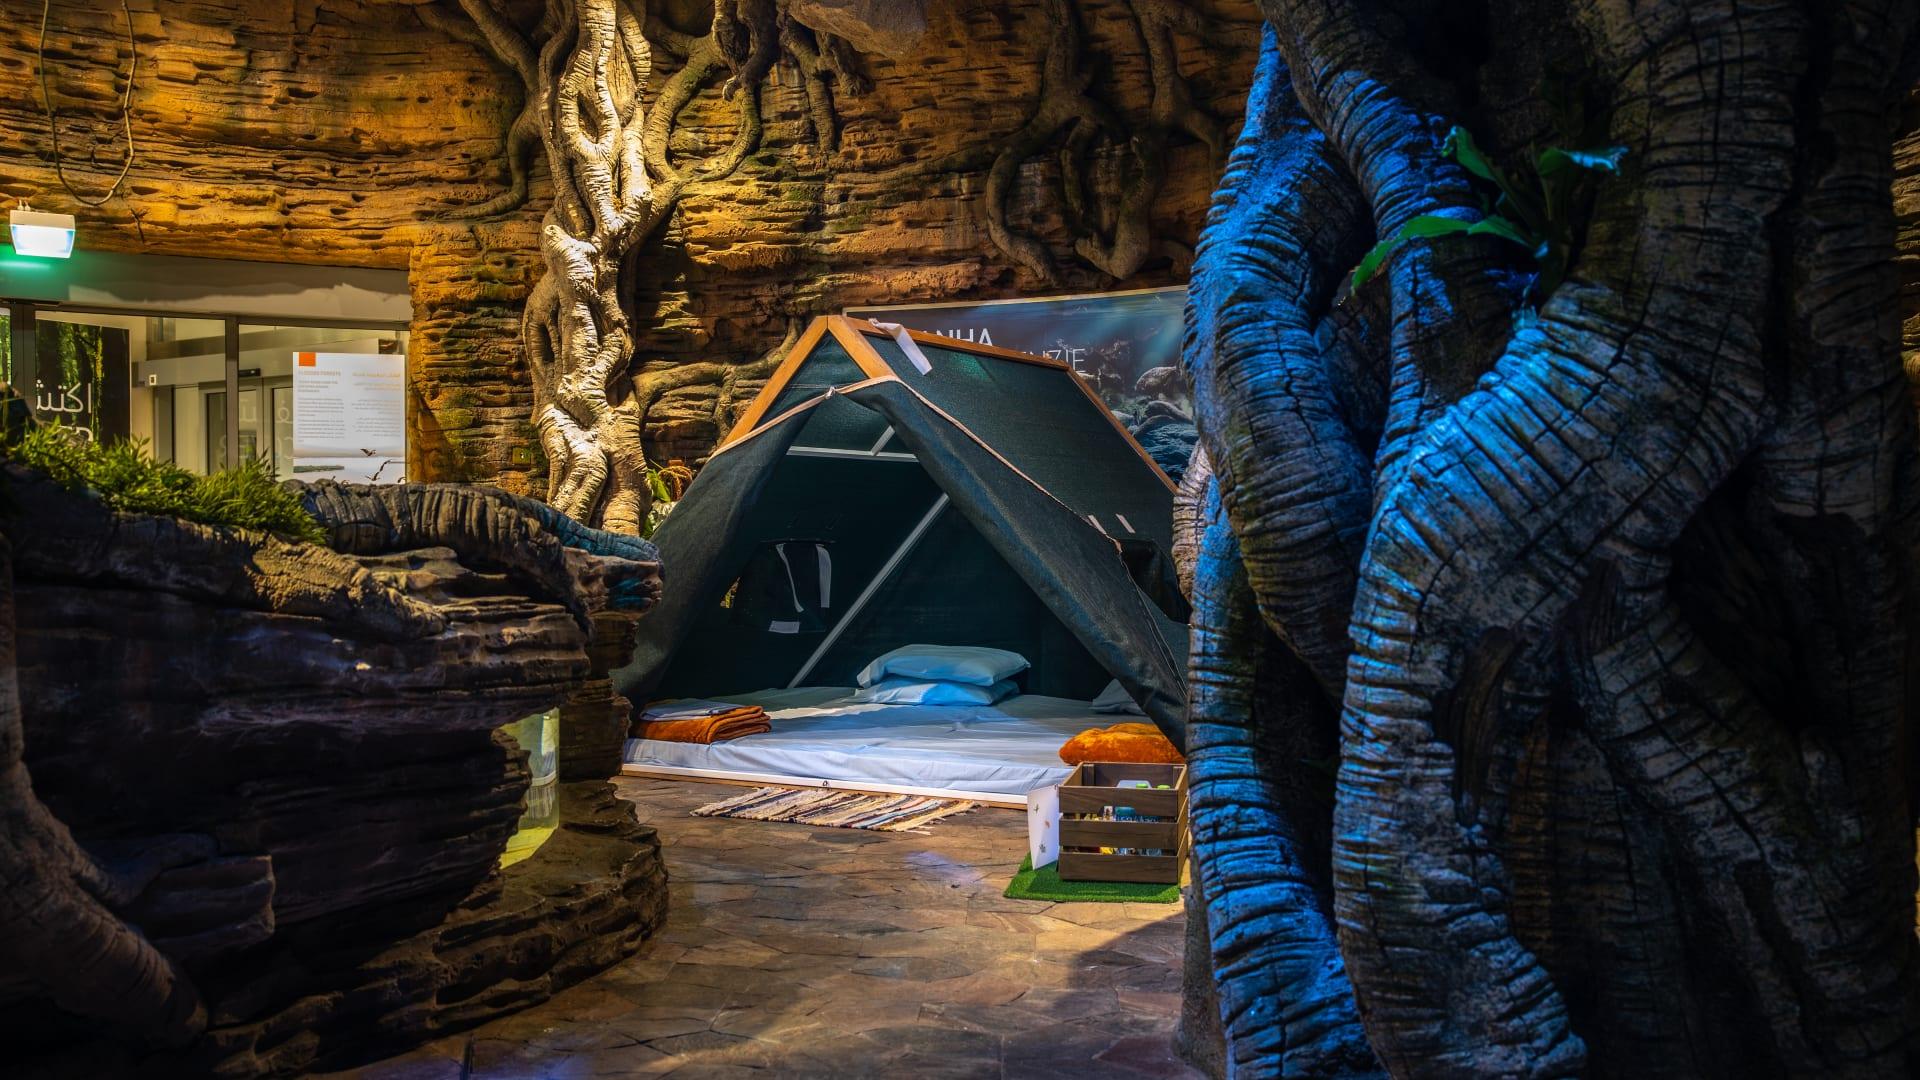 التخييم في غابة مطيرة The Green Planet